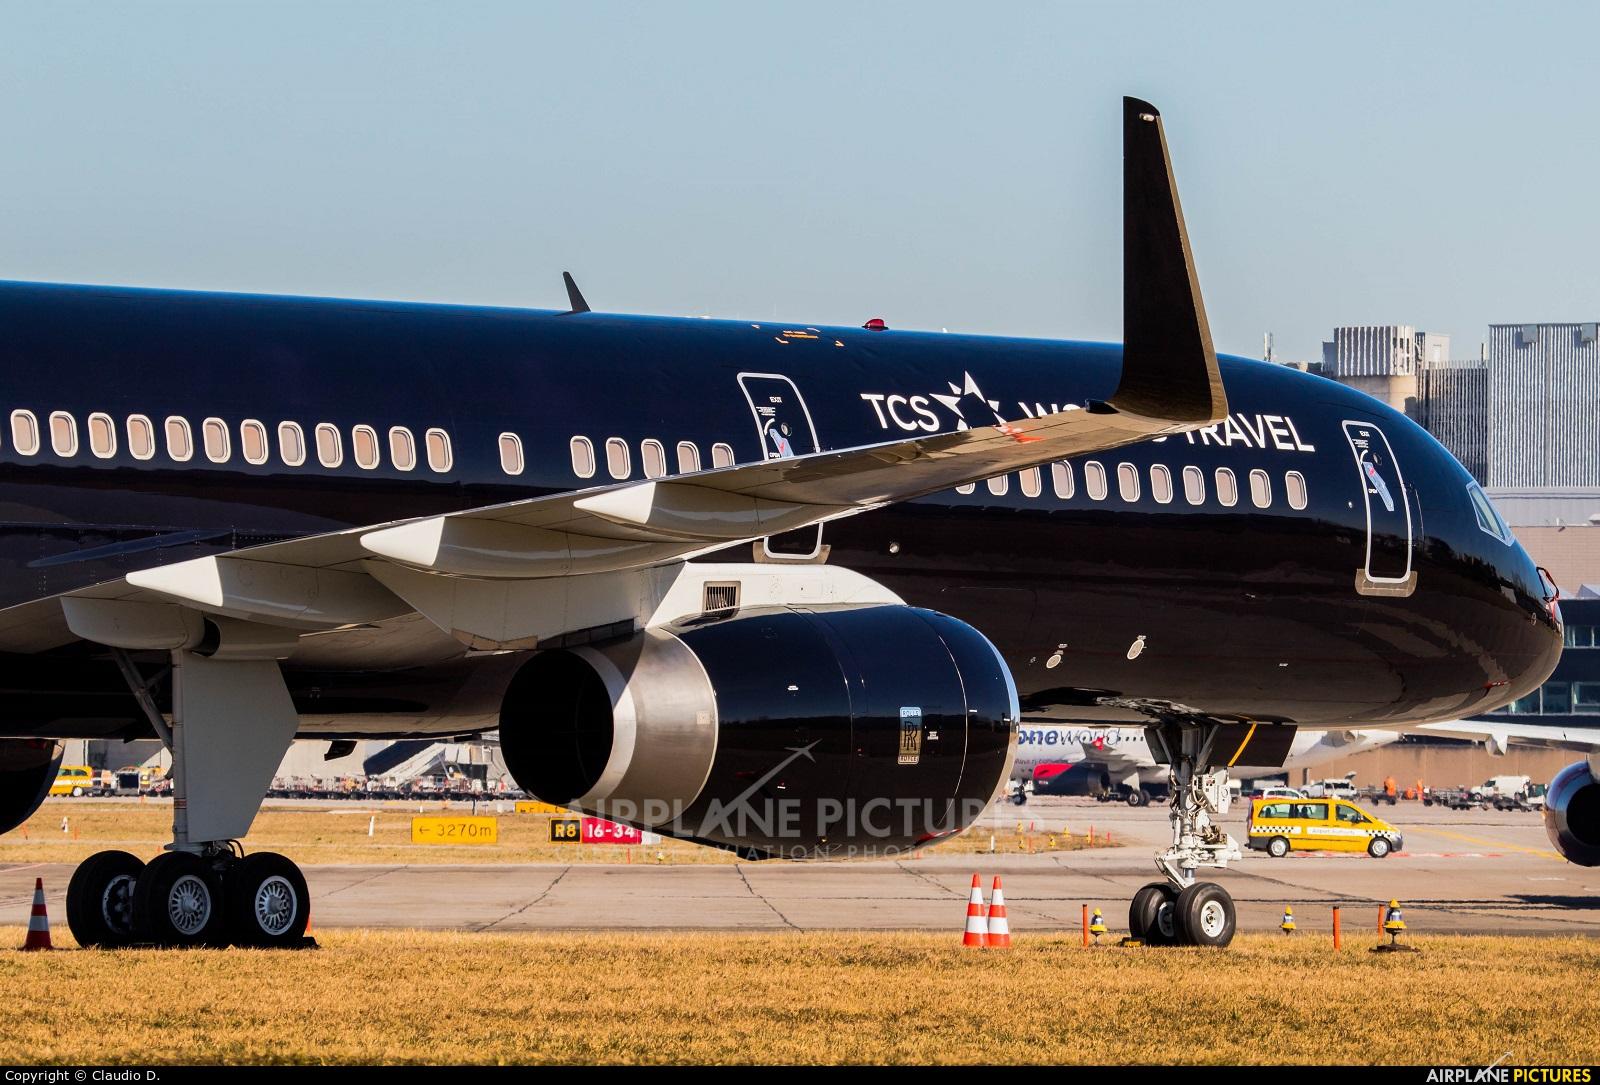 TCS World Travel G-TCSX aircraft at Zurich